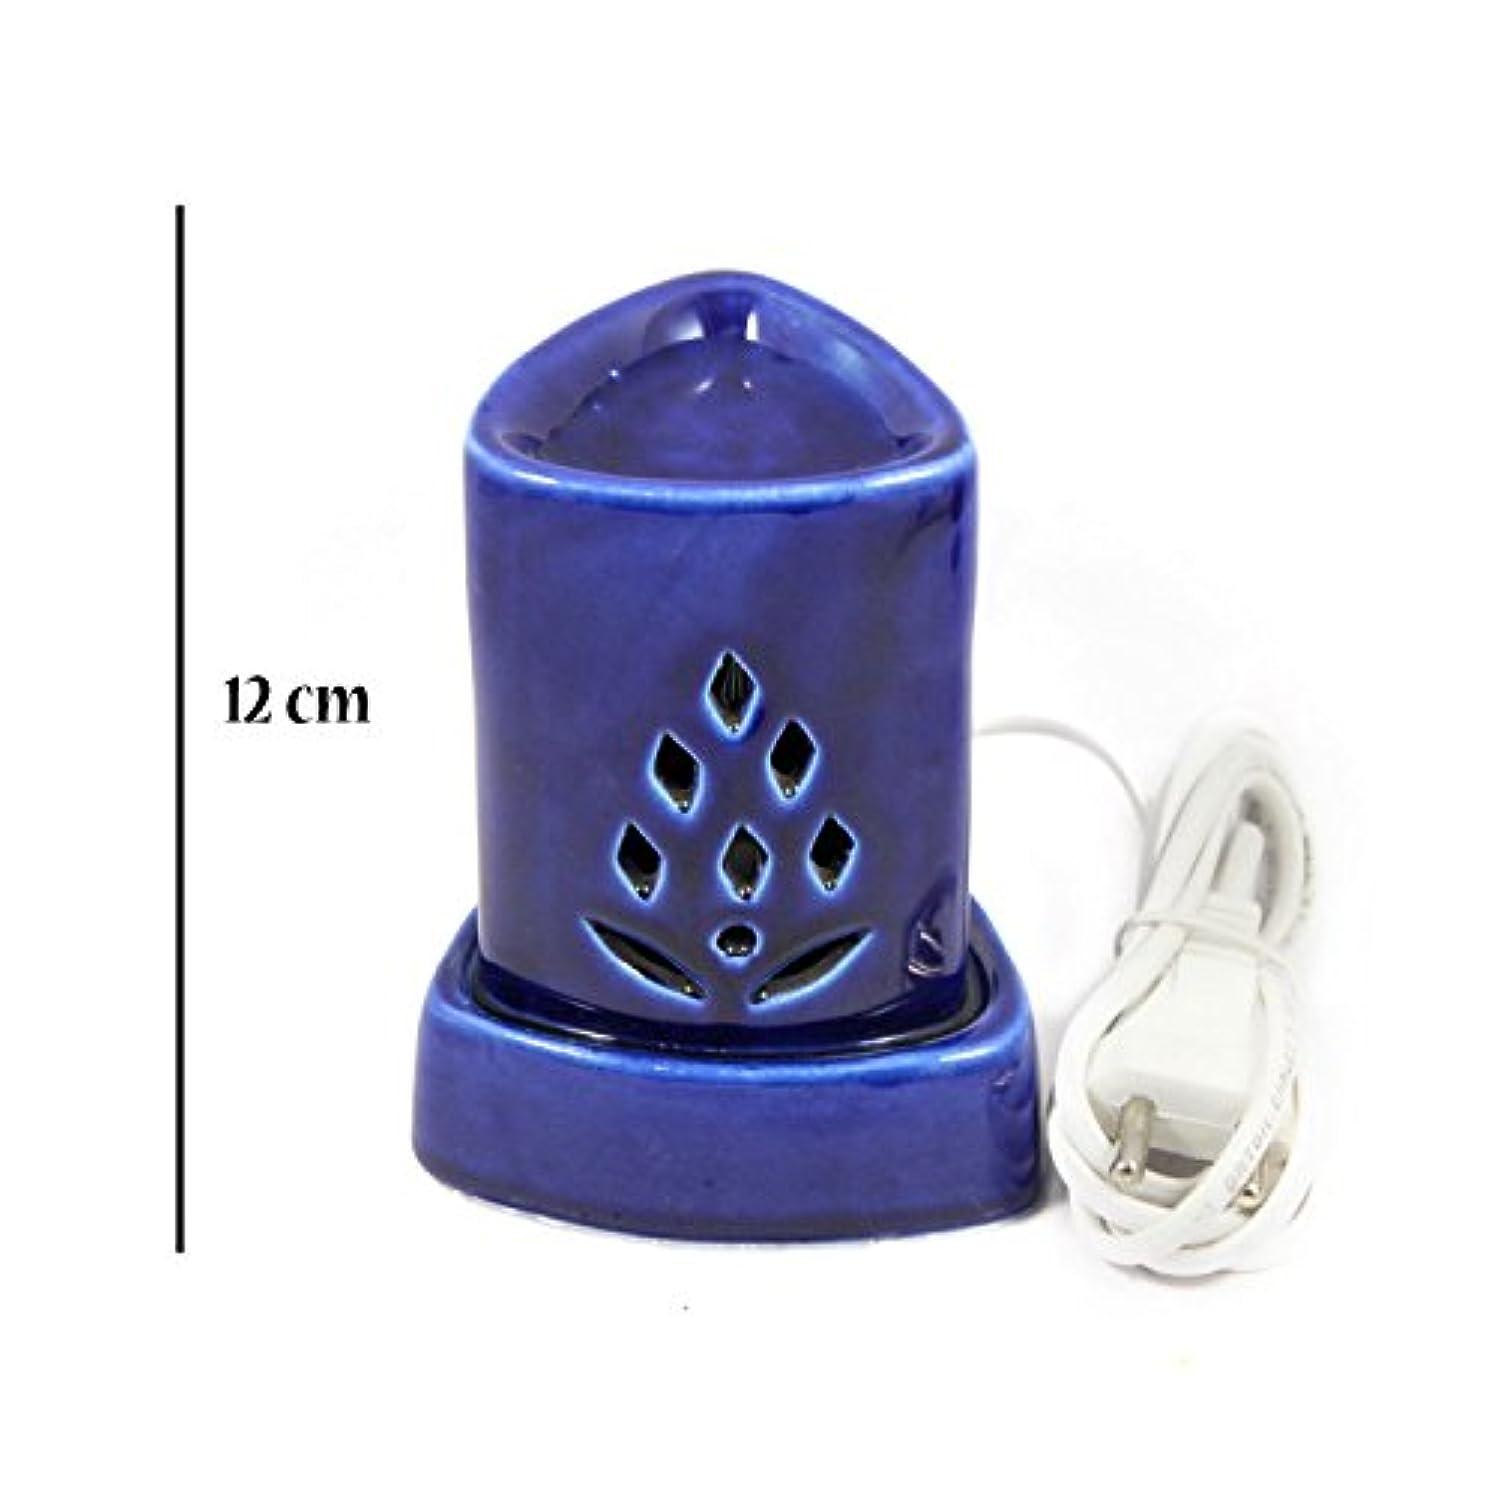 帳面恐れ精通したインドホームインテリア定期的な使用法汚染フリーハンドメイドセラミック粘土電気アロマオイルバーナー&ティーライトランプ/良質ホワイトカラー電気アロマオイルバーナーまたはアロマオイルディフューザー数量1